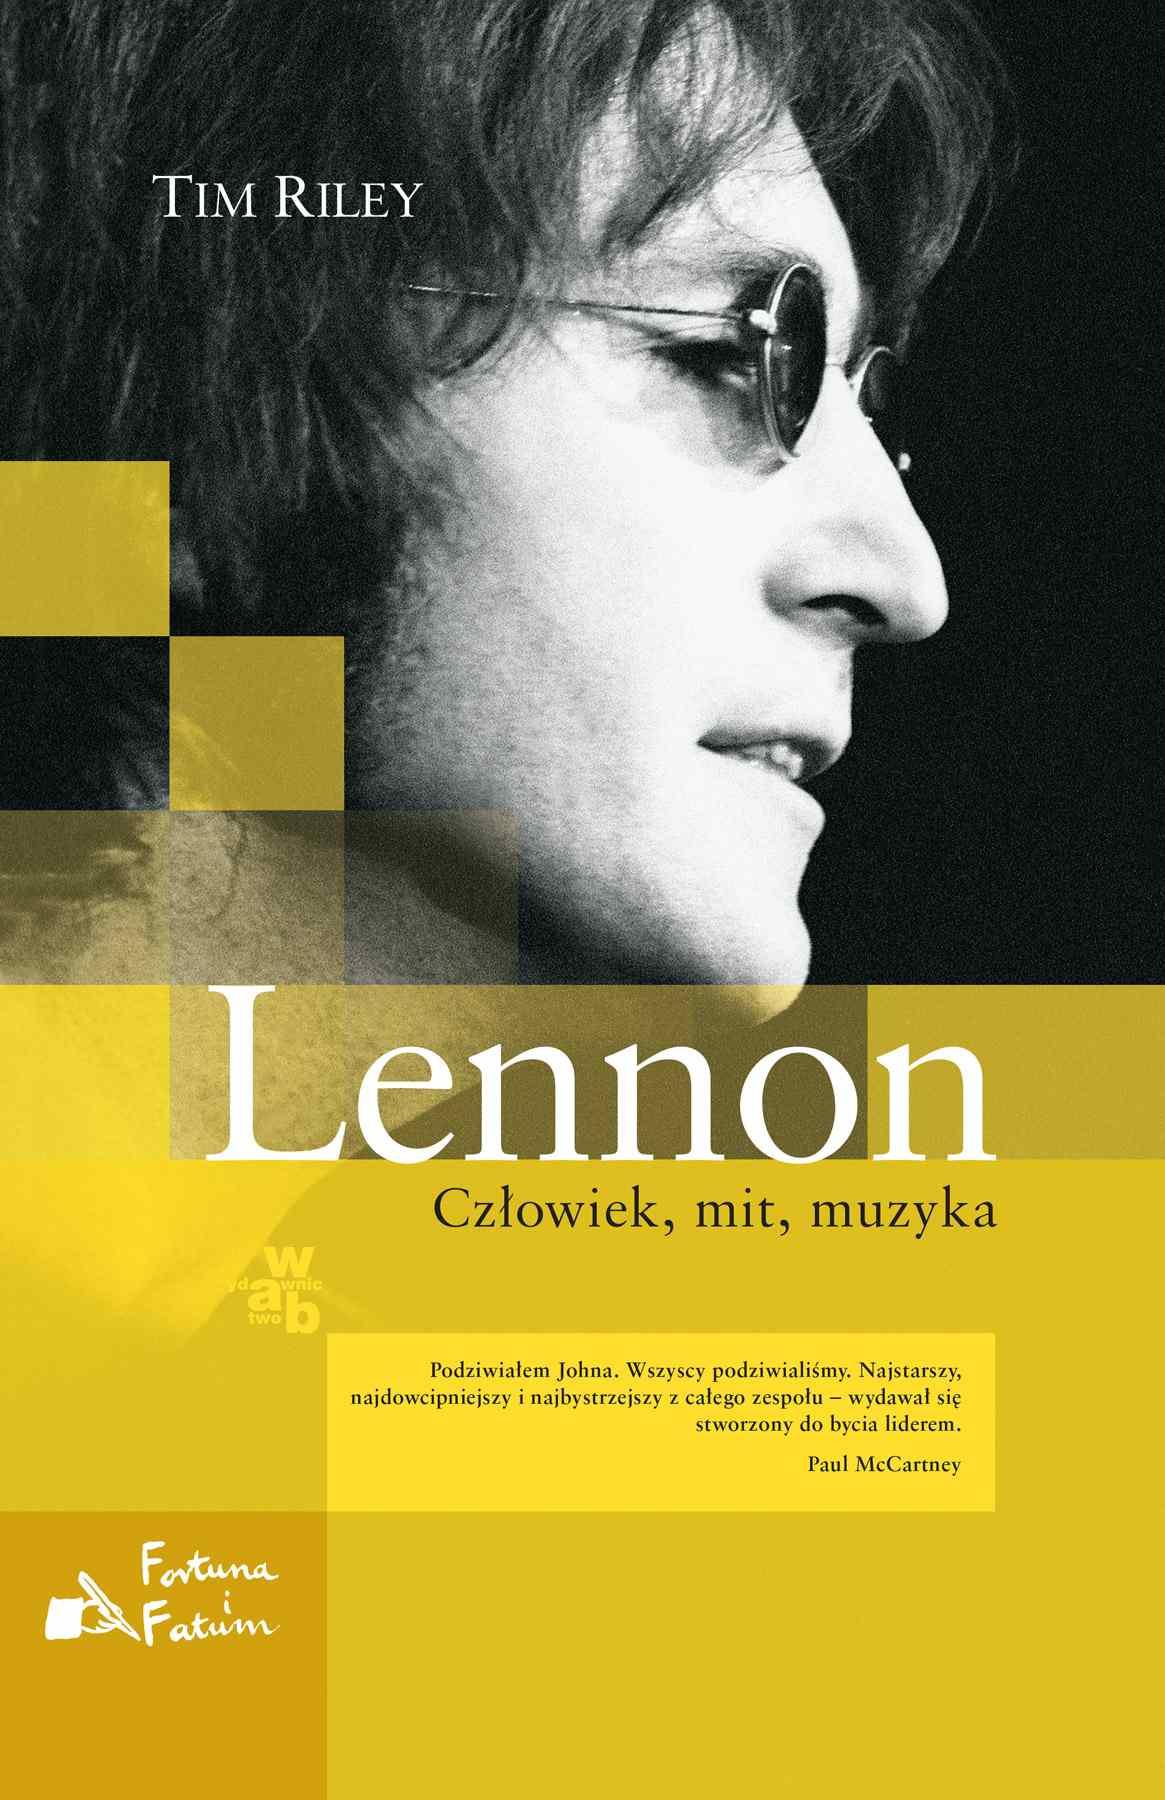 Lennon. Człowiek, mit, muzyka - Ebook (Książka EPUB) do pobrania w formacie EPUB